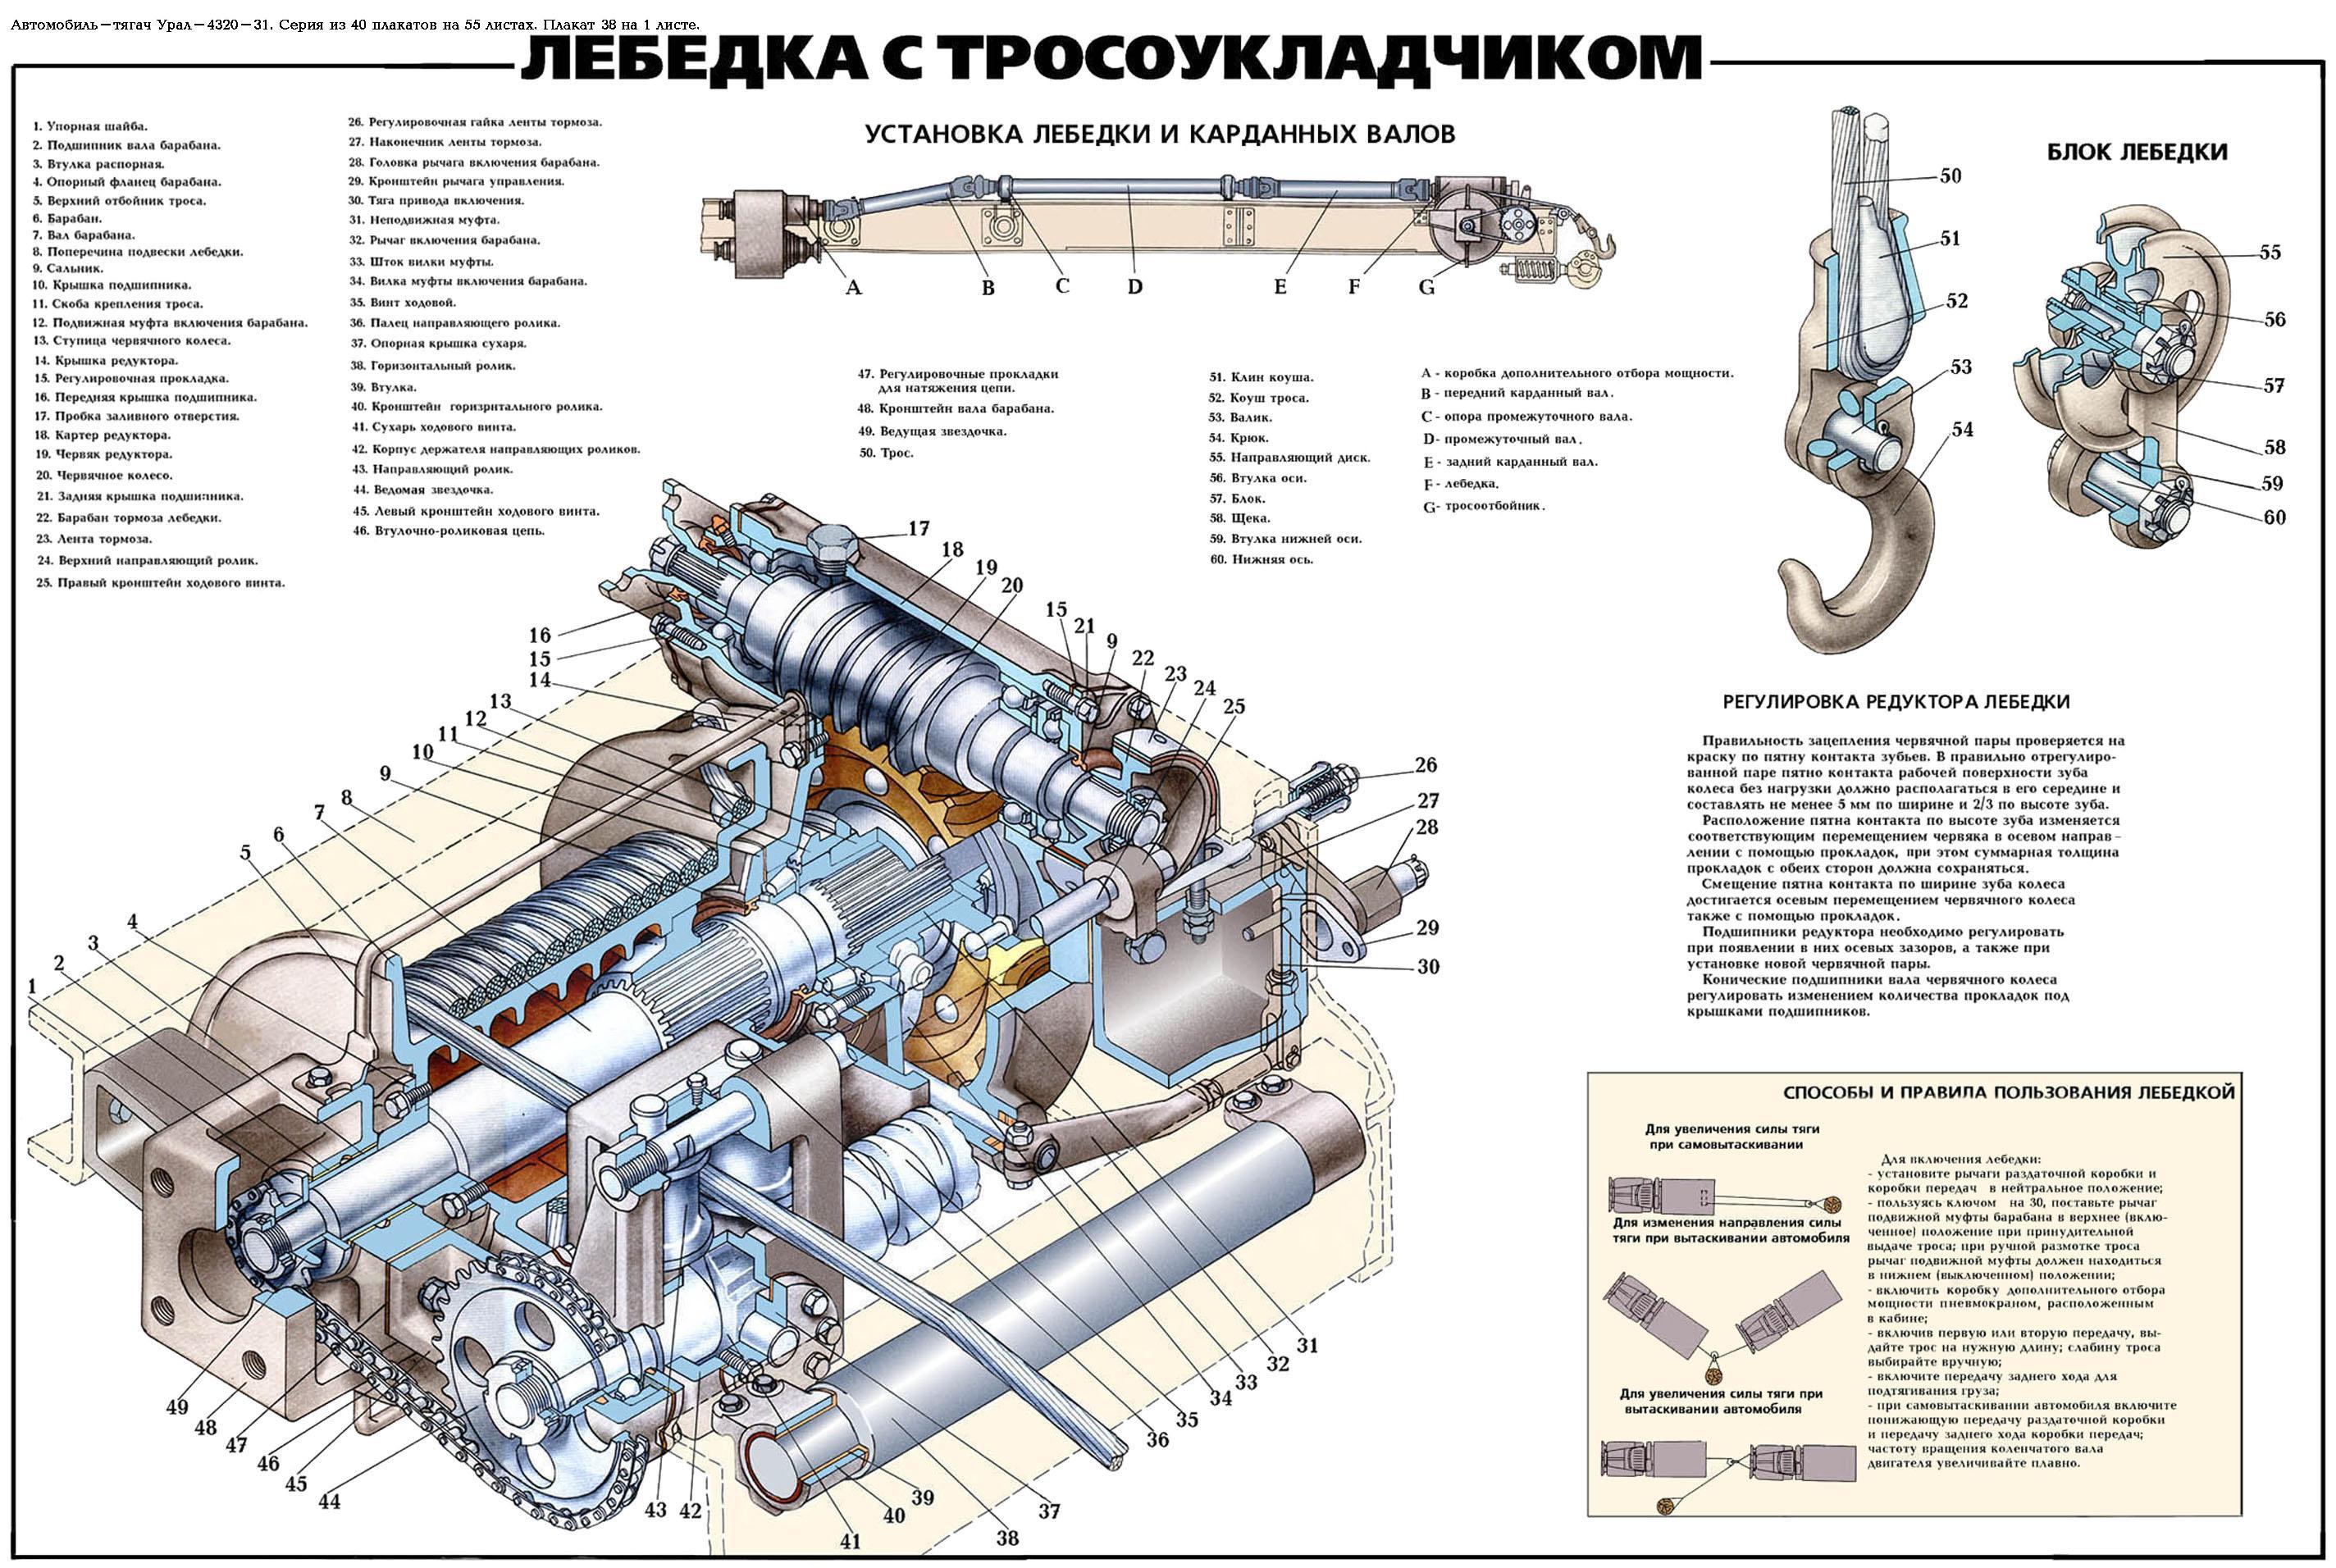 Химмотологическая карта автомобилей КамАЗ